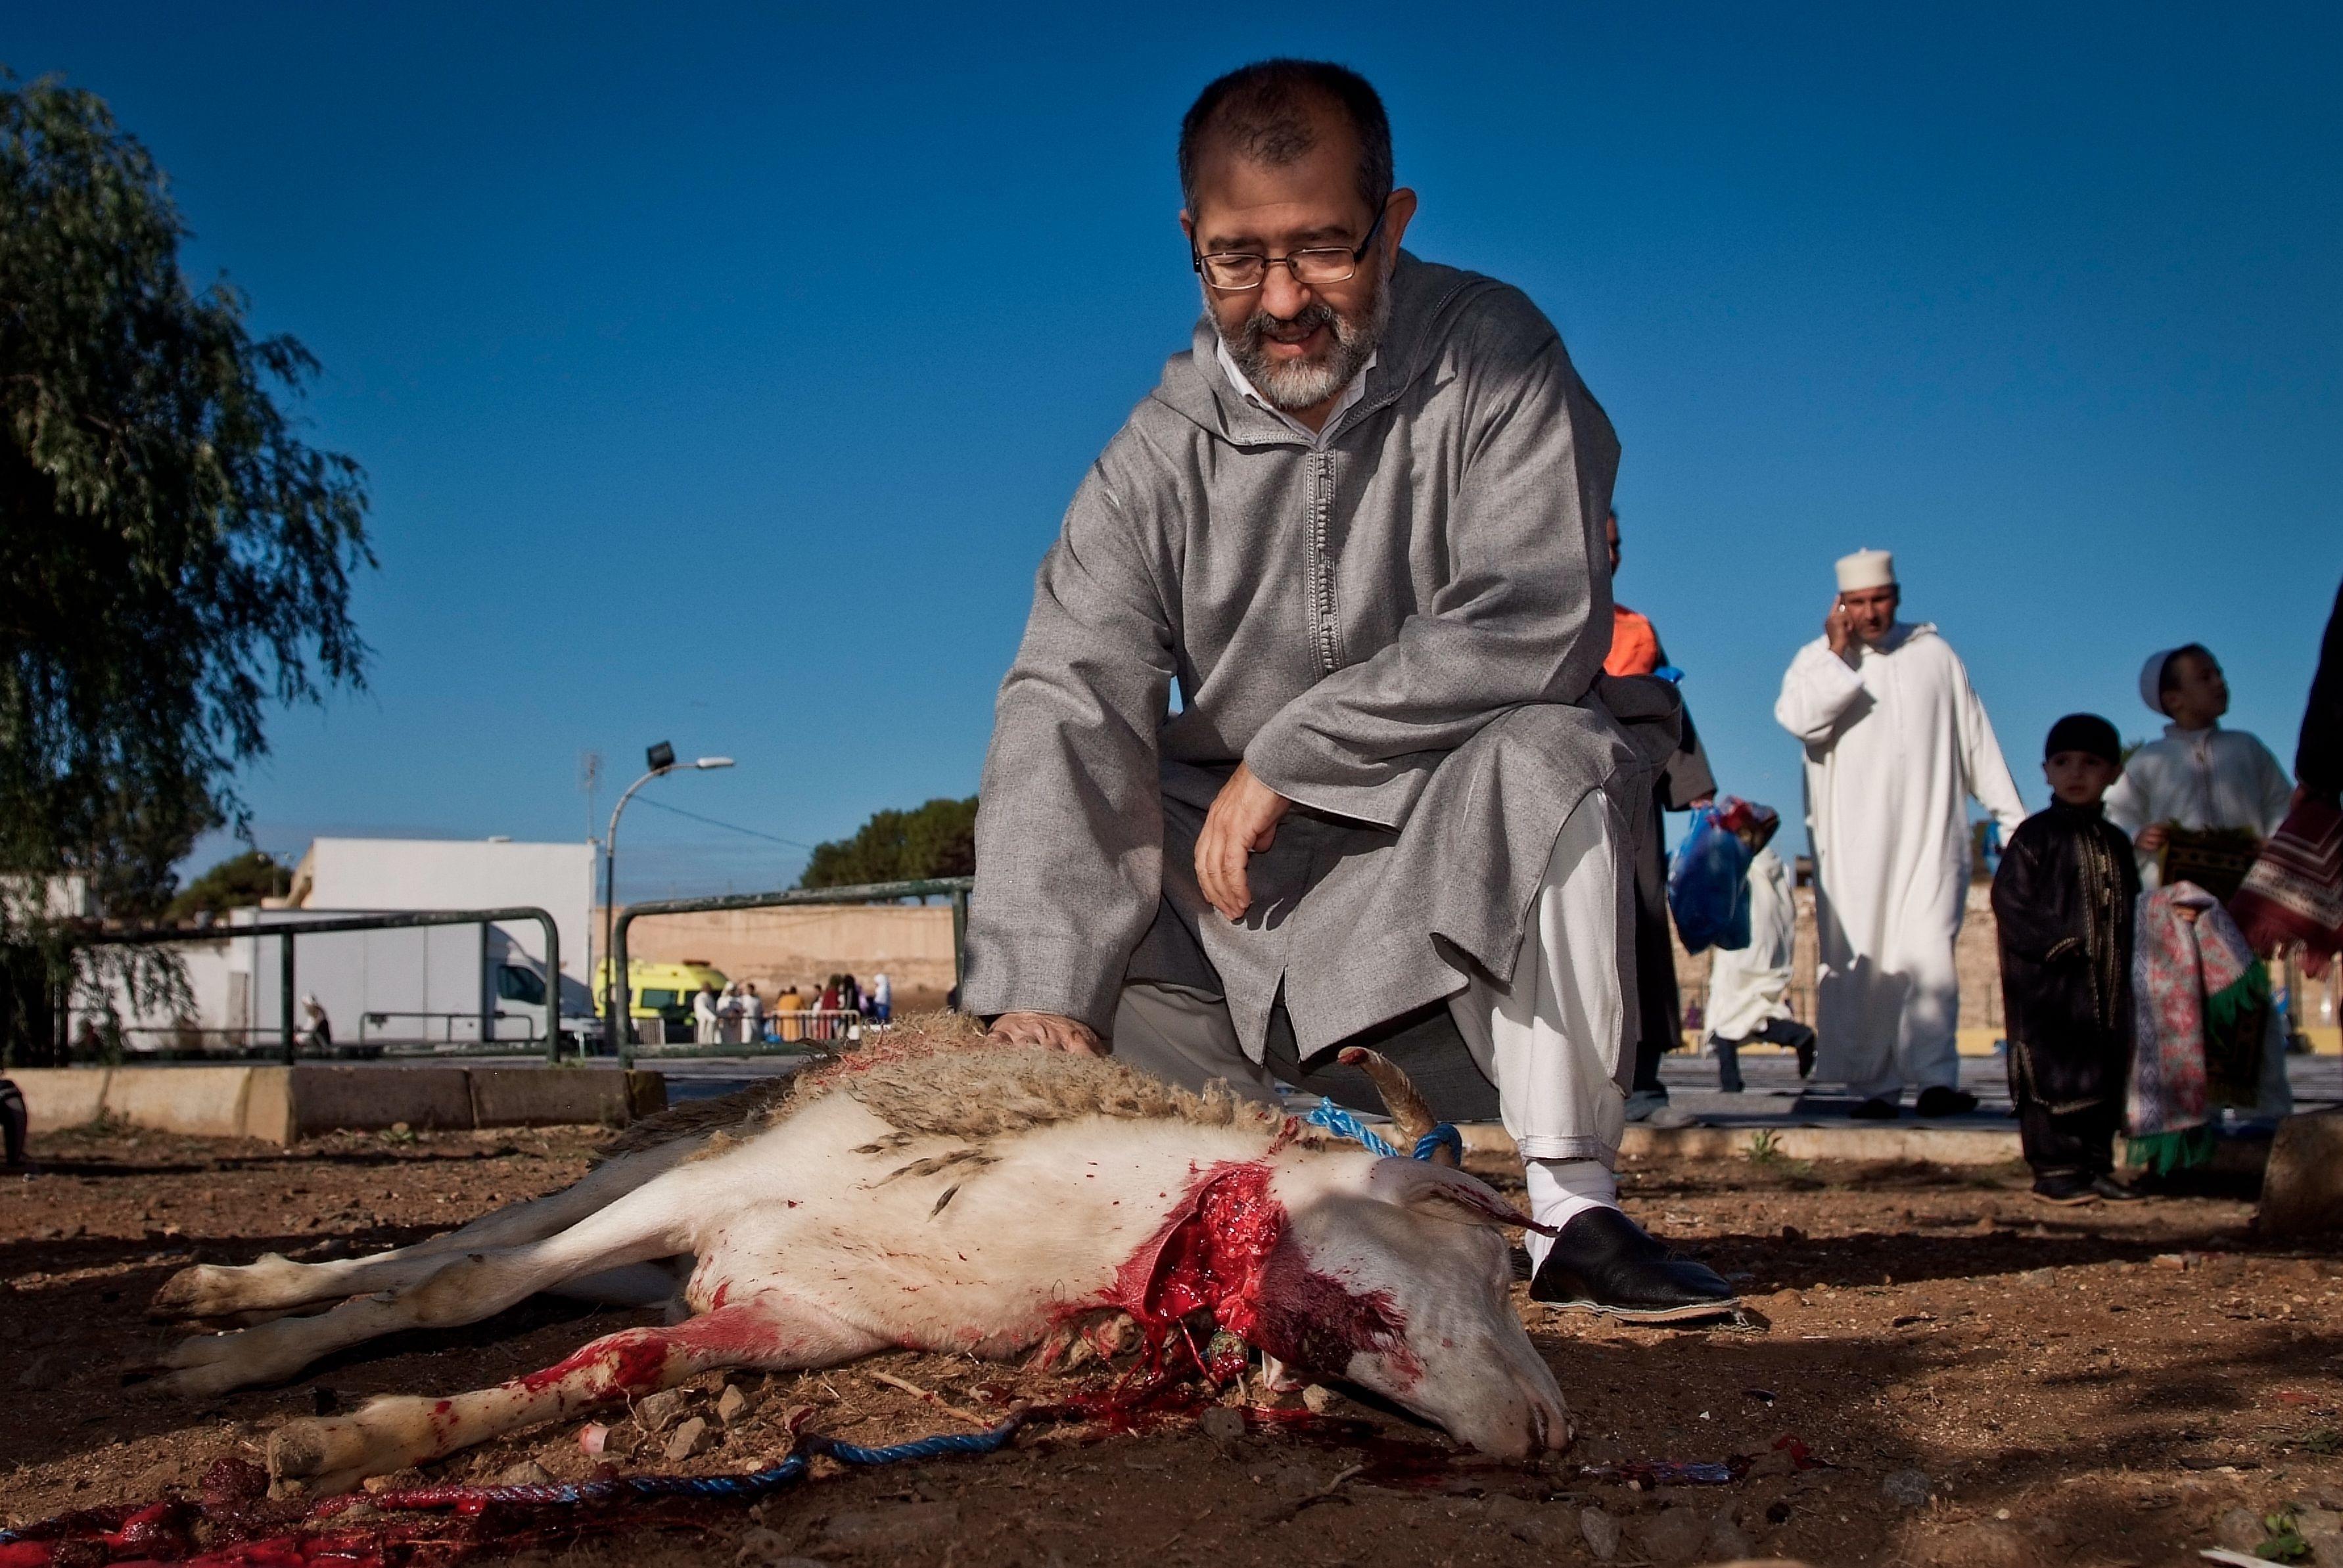 Igualdad Animal rechaza la fiesta del cordero en la que se degollan ovejas en presencia de niños por motivos religiosos